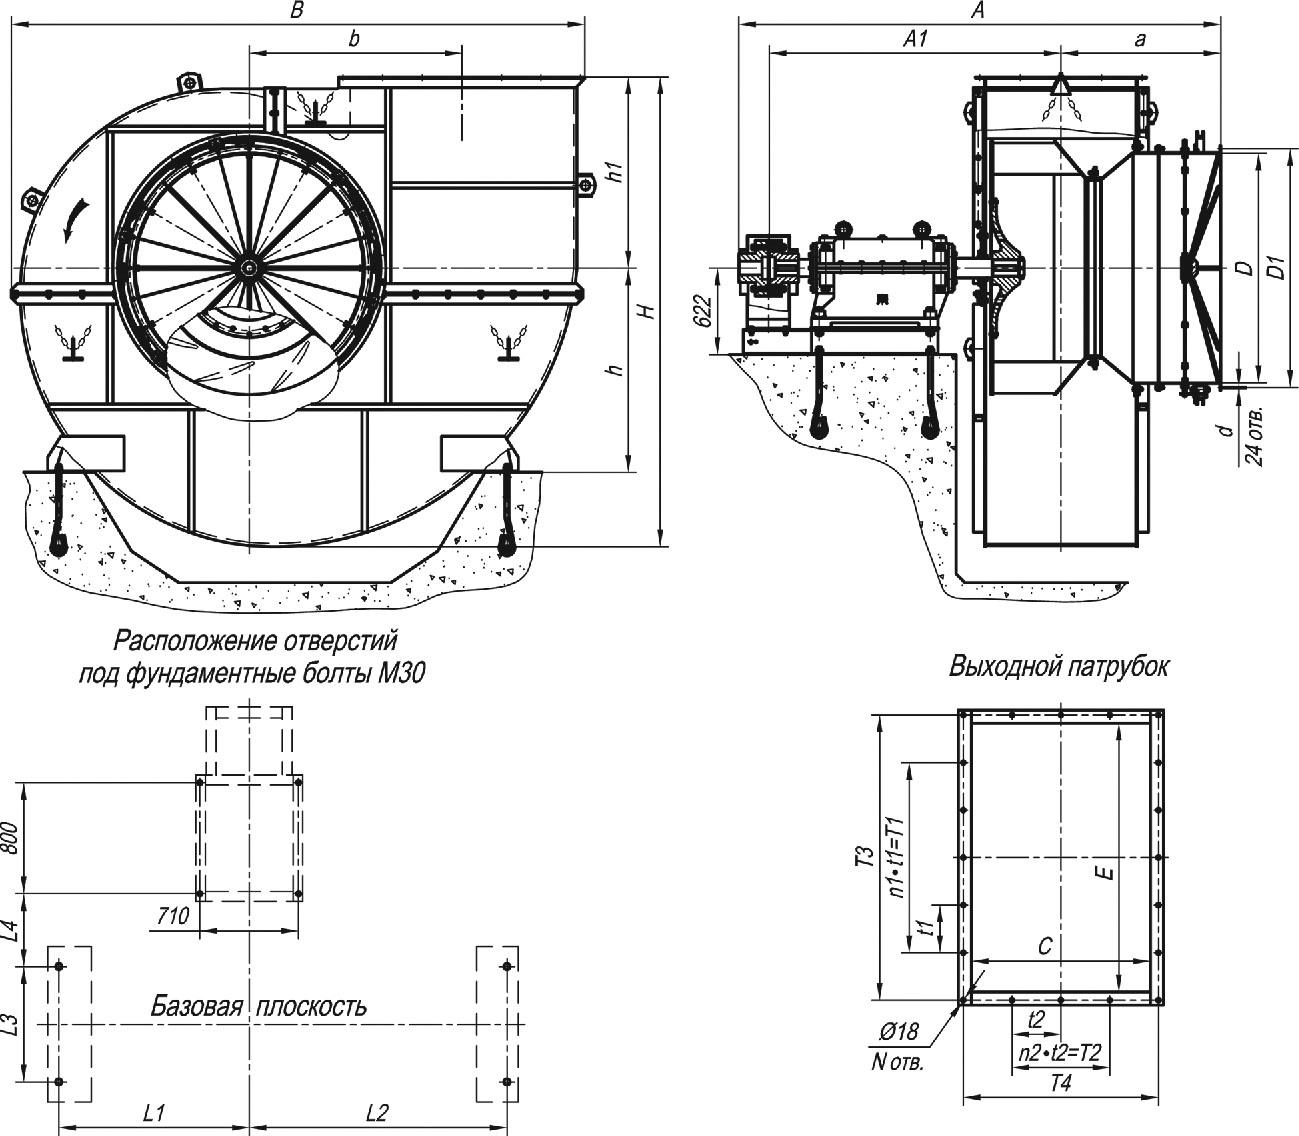 ВДН-20 габаритные и присоединительные размеры